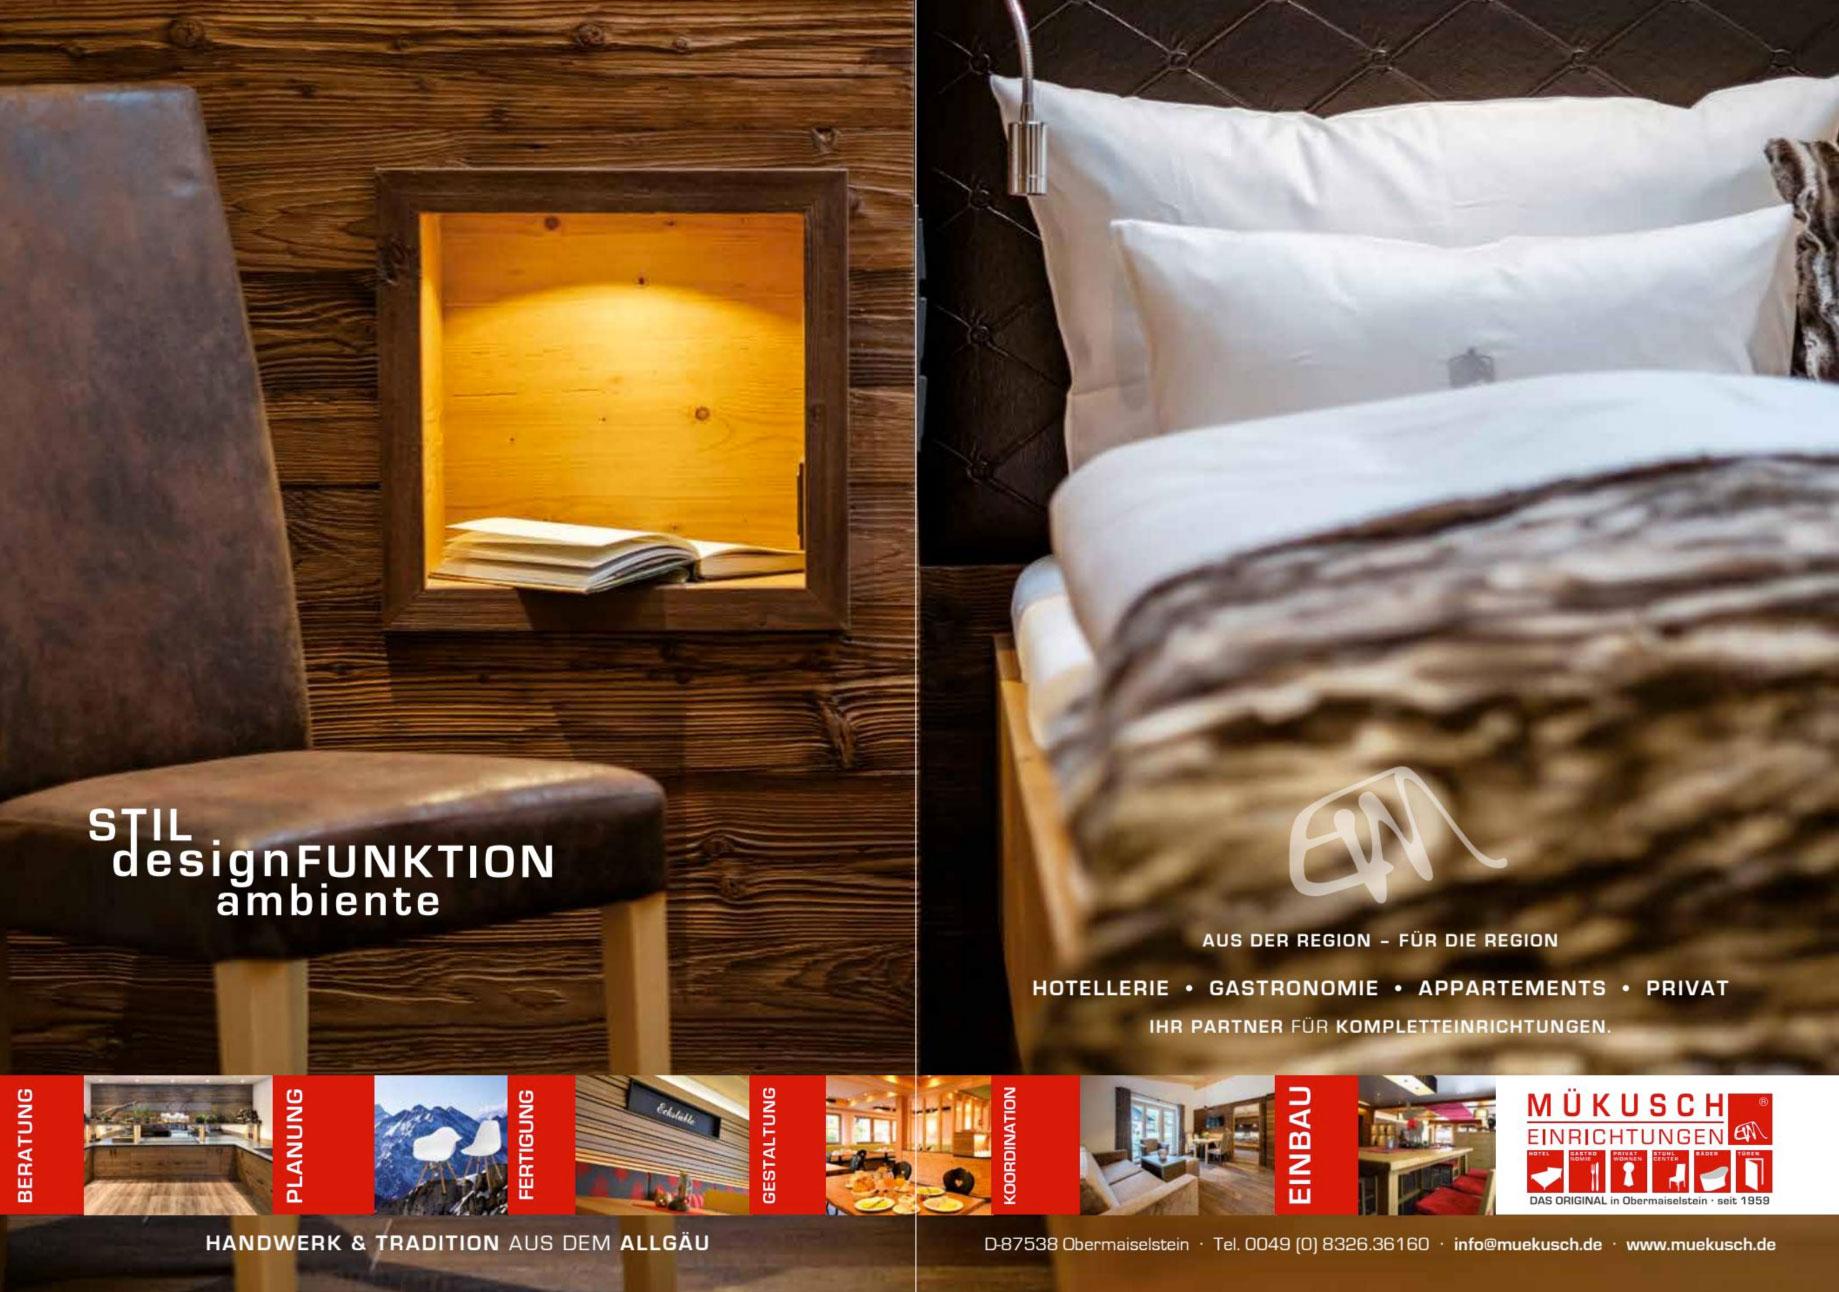 Muekusch Einrichtungen Anzeigen Werbung – Kompletteinrichter